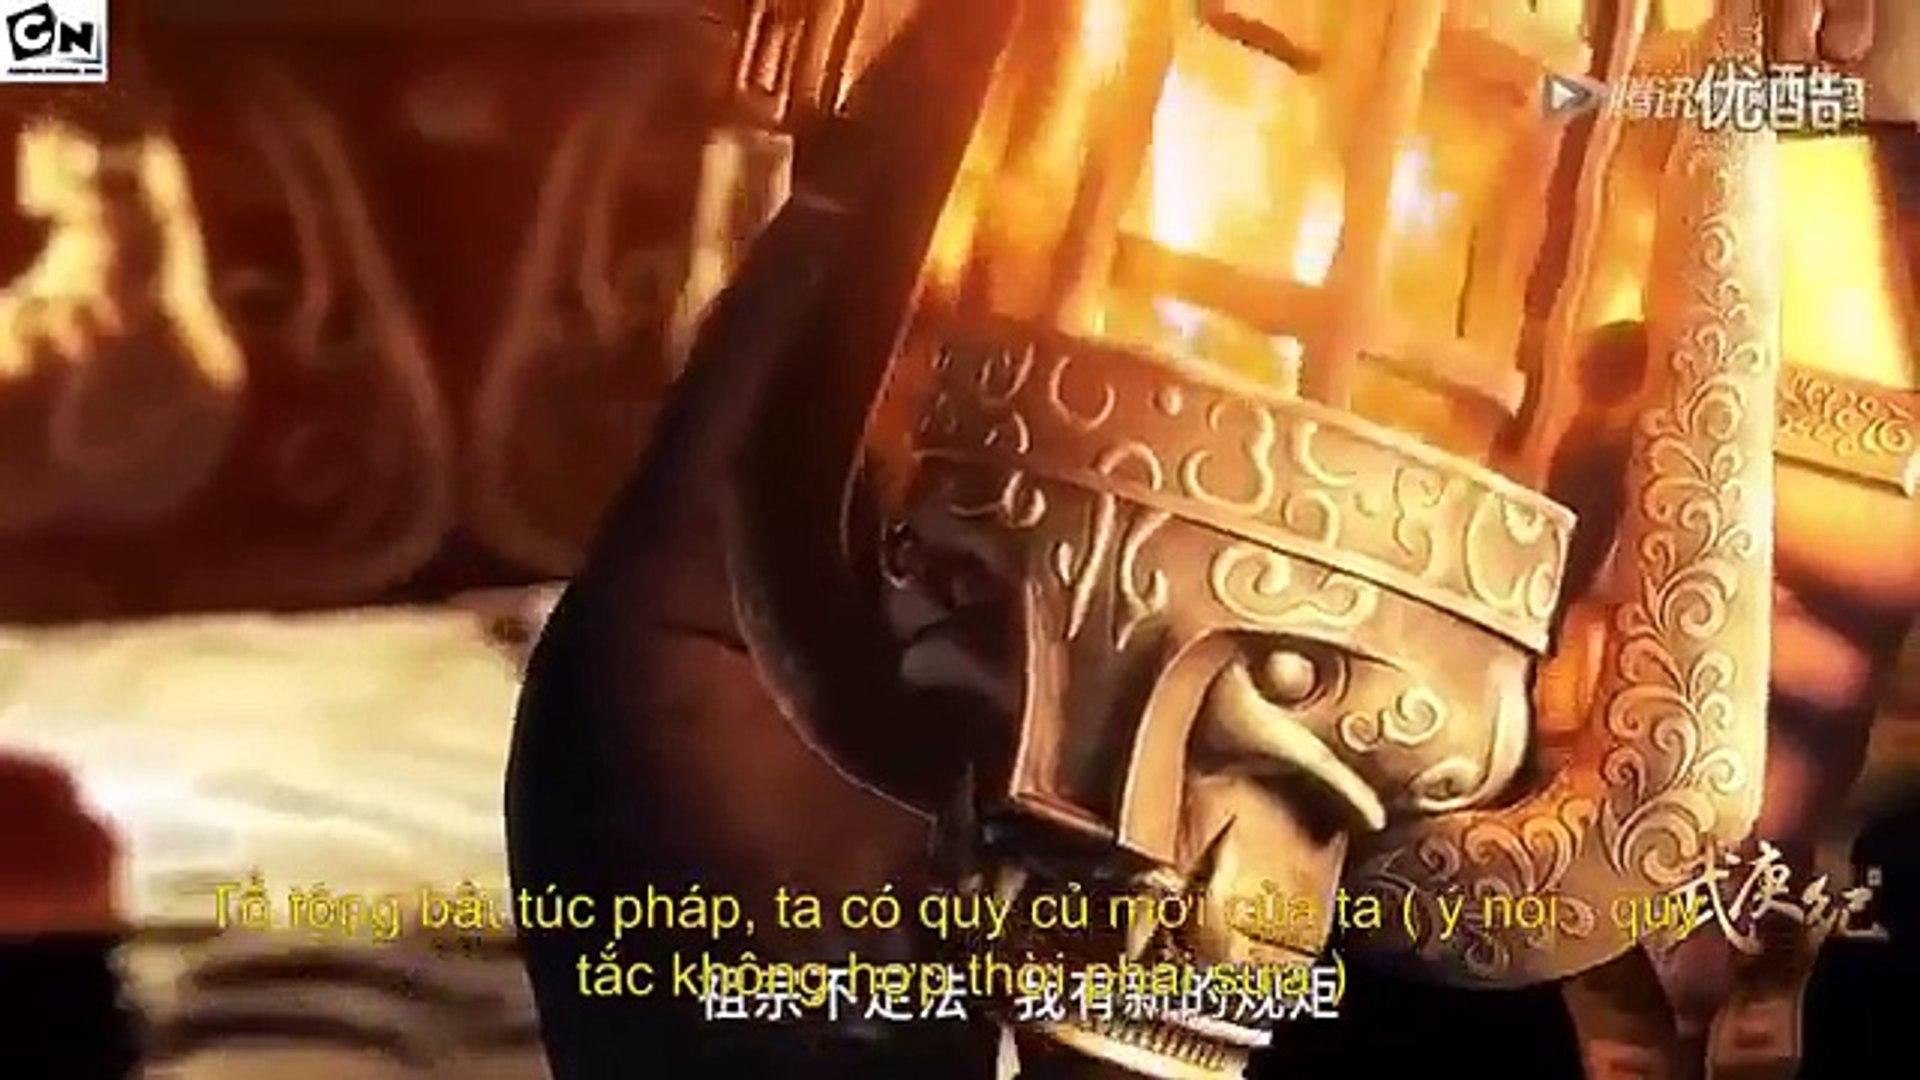 Phim Hoạt Hình Vũ Canh Kỷ phần 1 Tập 1 FULL- Nghịch Thiên Chi Quyết (2016) Wu Geng Ji | Phim Hoạt Hì